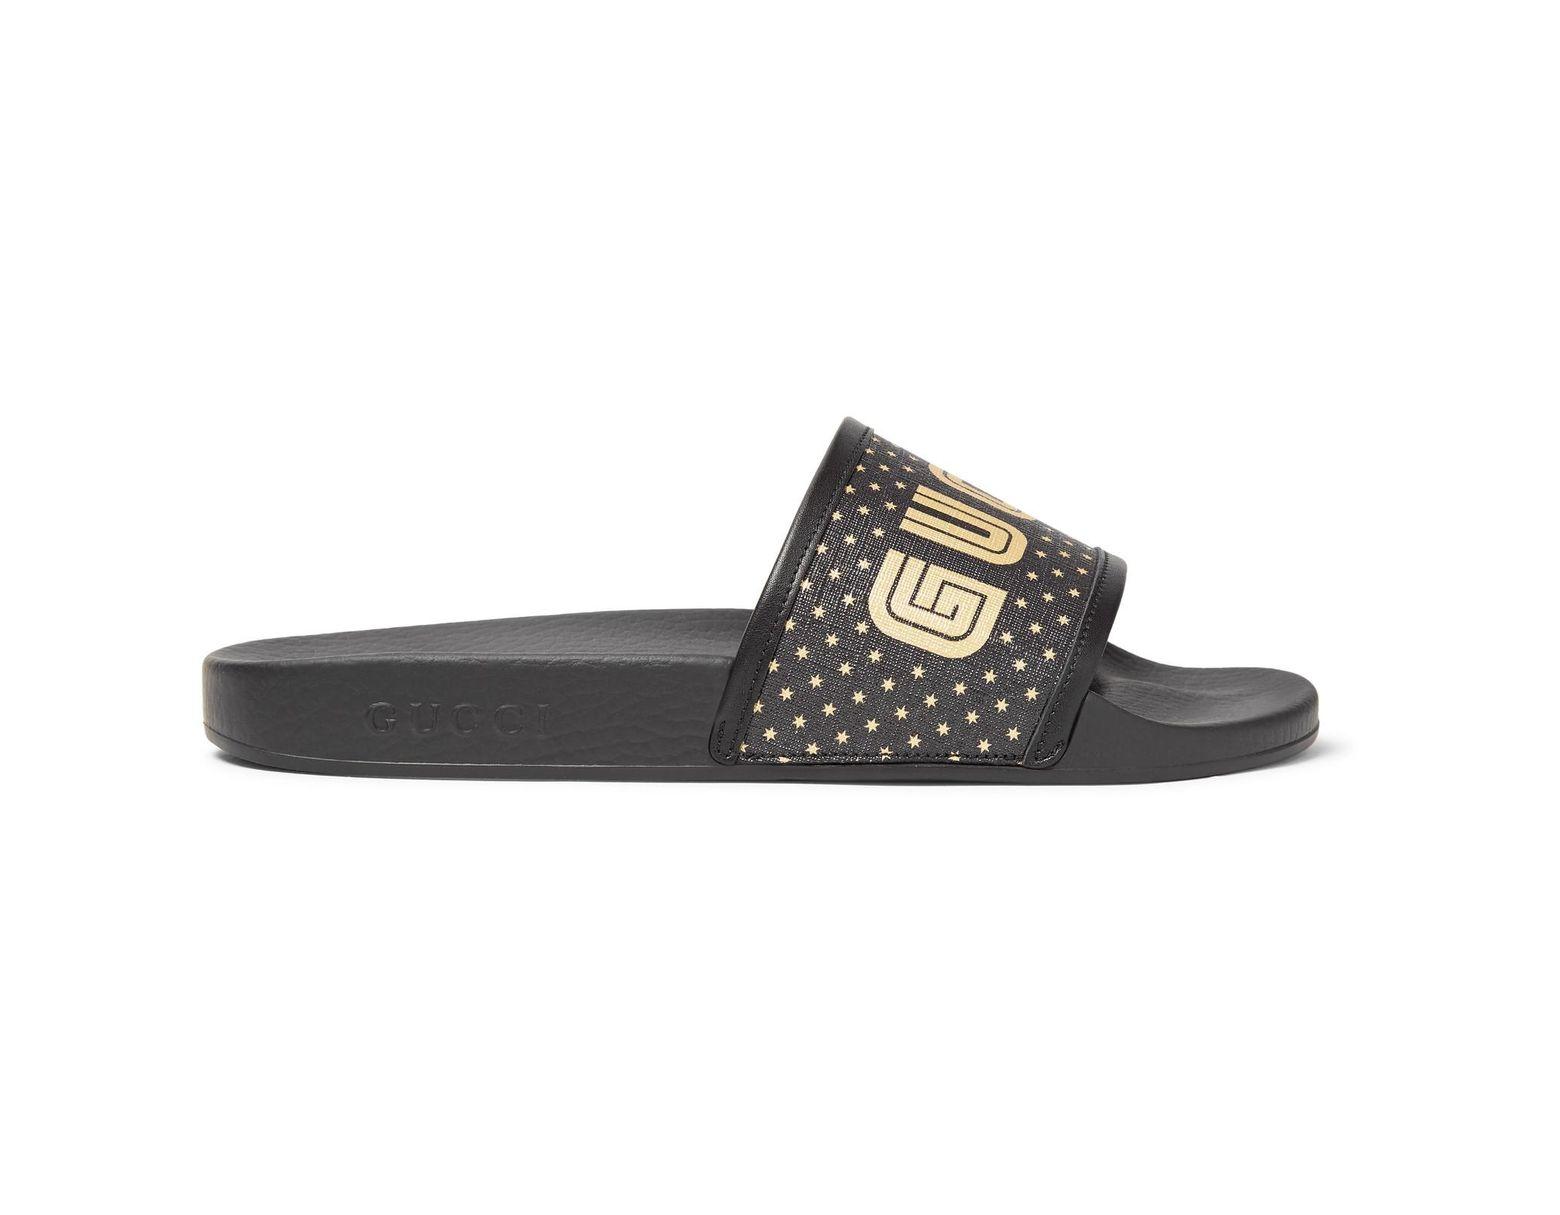 5fdad733f13d Gucci Leather-trimmed Logo-print Rubber Slides in Black for Men - Lyst